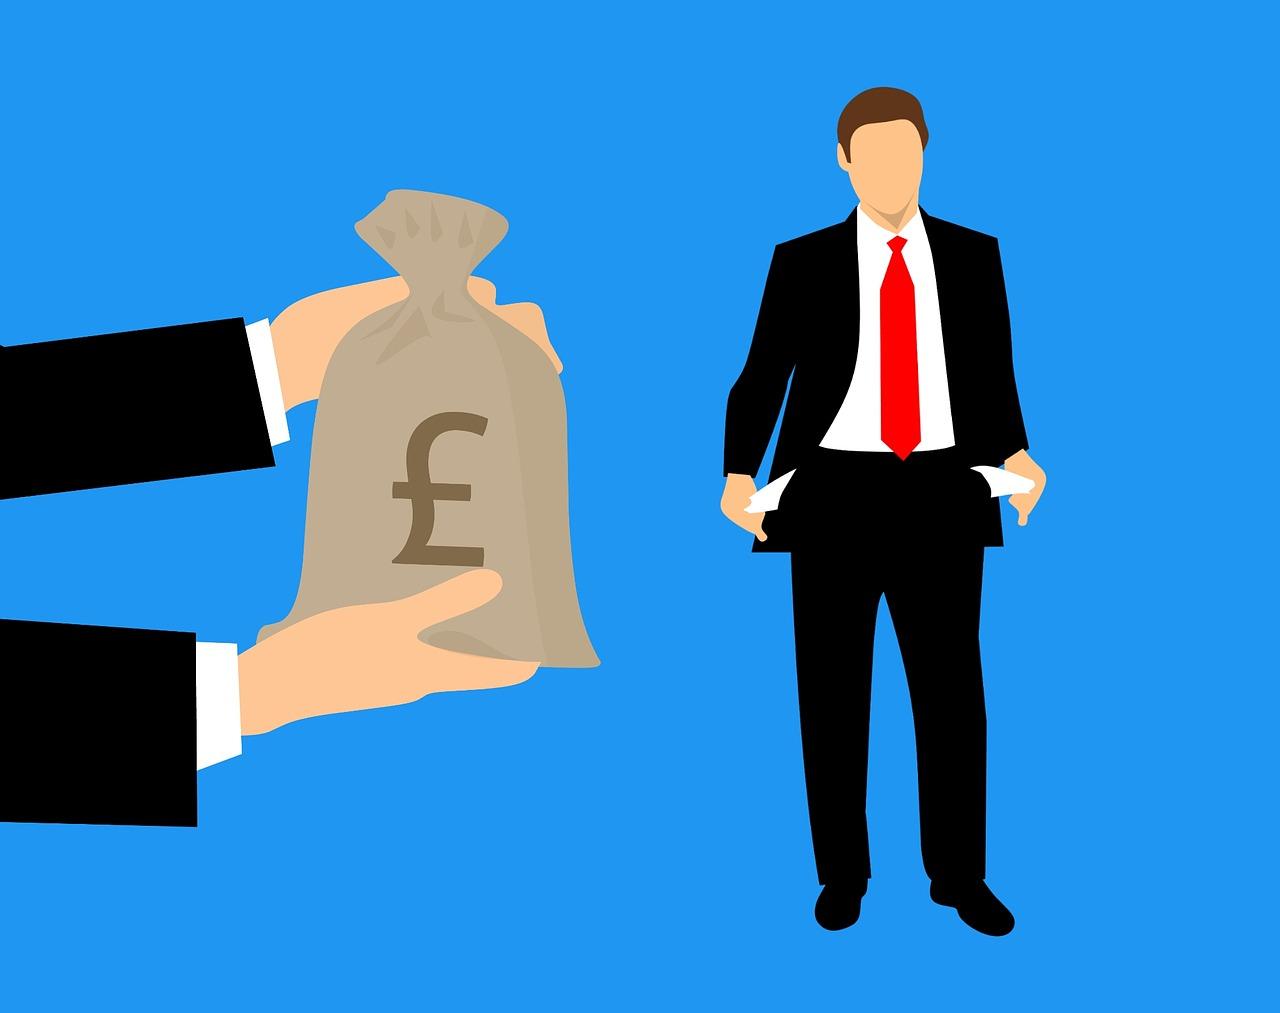 オンラインカジノで現金を稼ぐためのコツ「還元率」